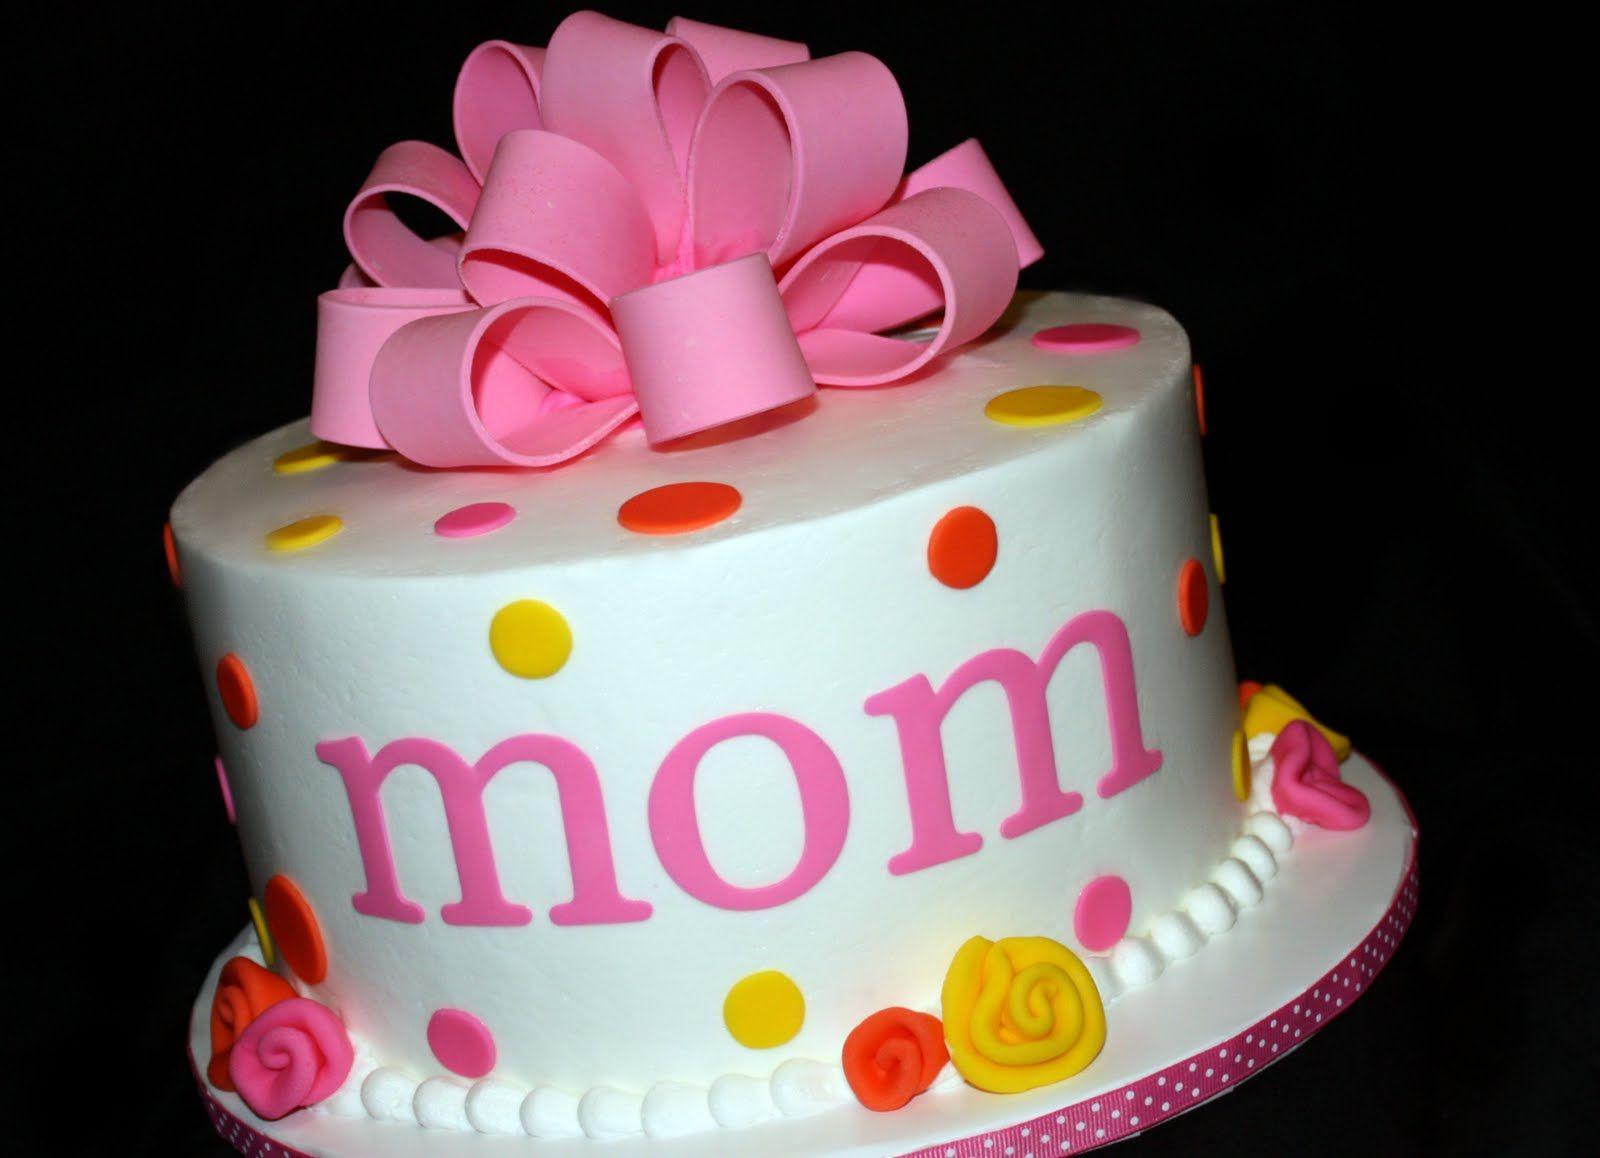 Birthday Cake For Mom  fun cakes Mom Birthday Cake fun cakes